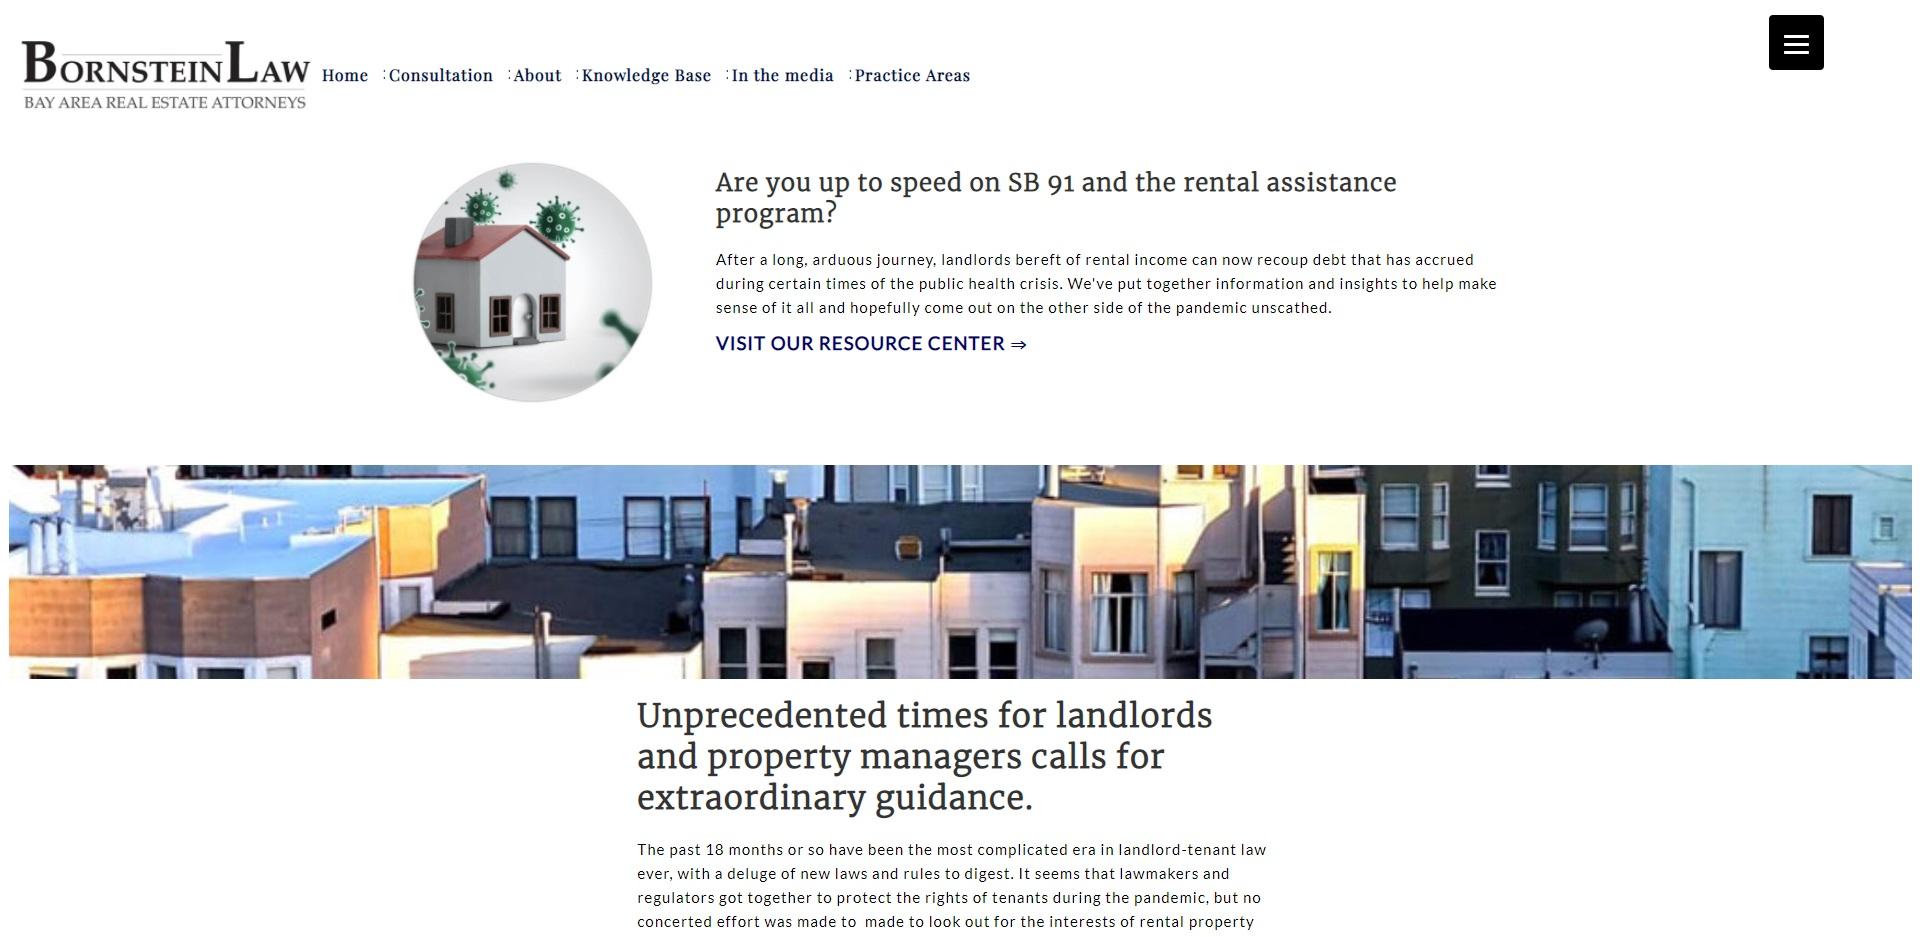 044e5 bornstein 5 Best Real Estate Attorneys in San Francisco